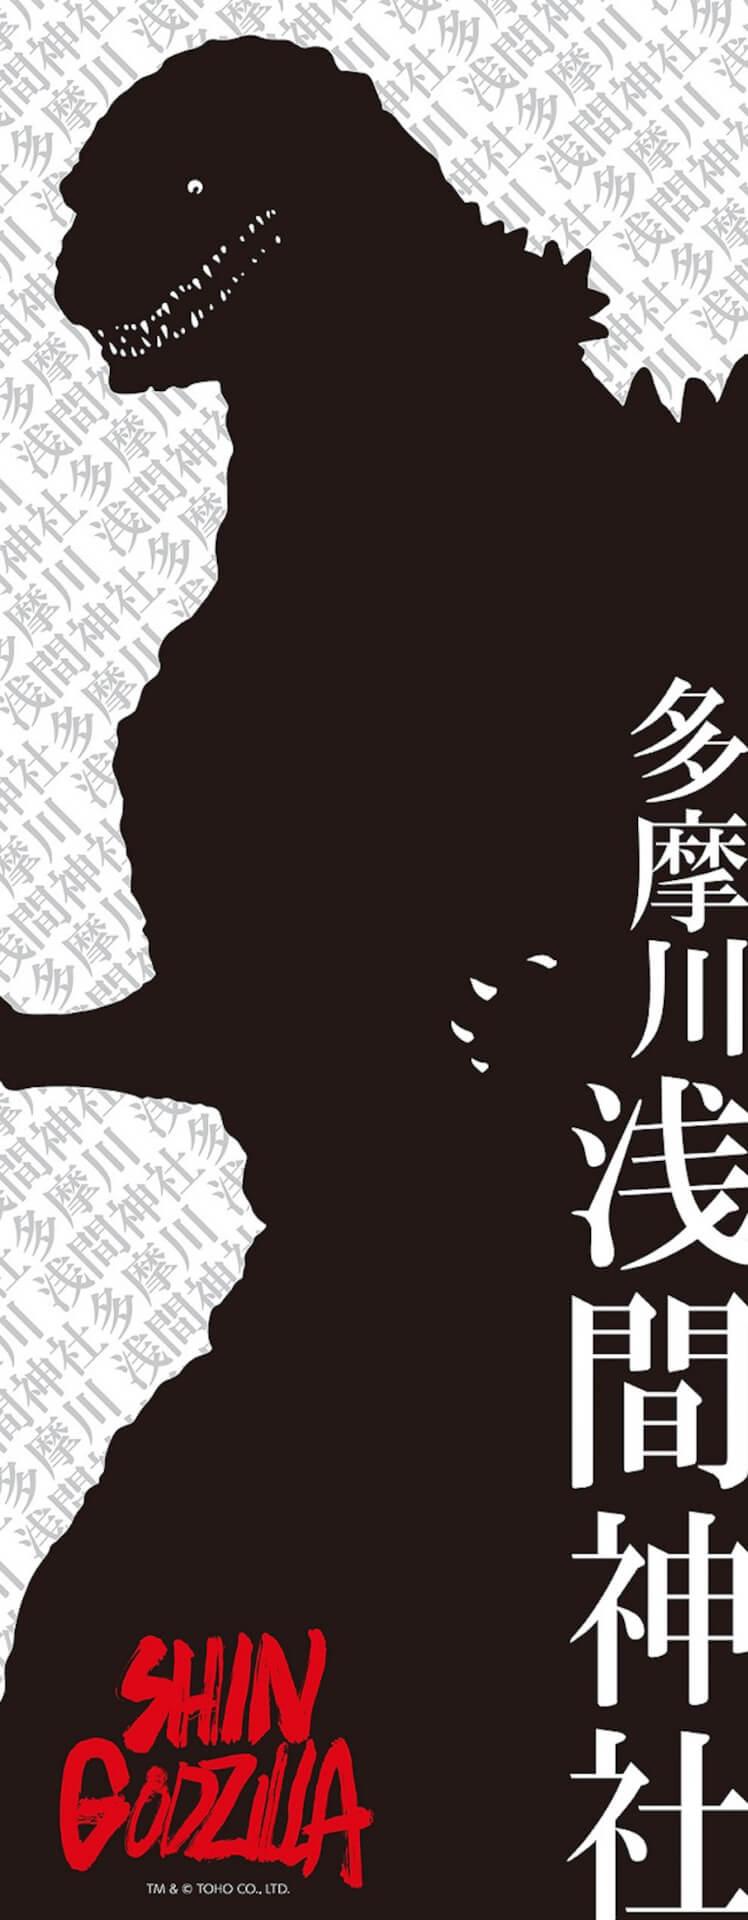 年末年始は『シン・ゴジラ』でお参りしよう!あの「タバ戦闘団前方 指揮所」が設置された多摩川浅間神社とコラボしたお守り&絵馬セット登場 film191226_godzilla_1